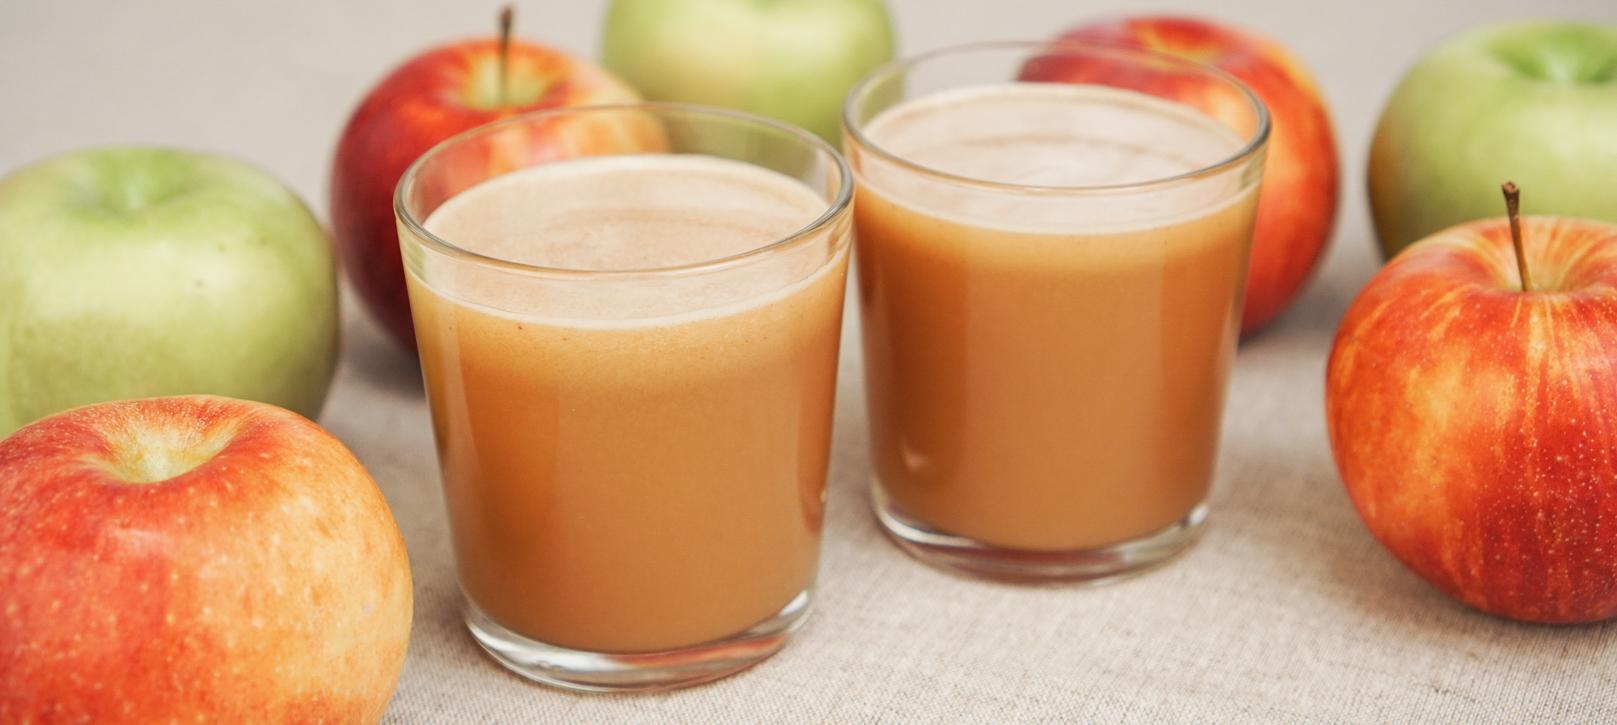 Яблочный сок в чем польза и вред thumbnail